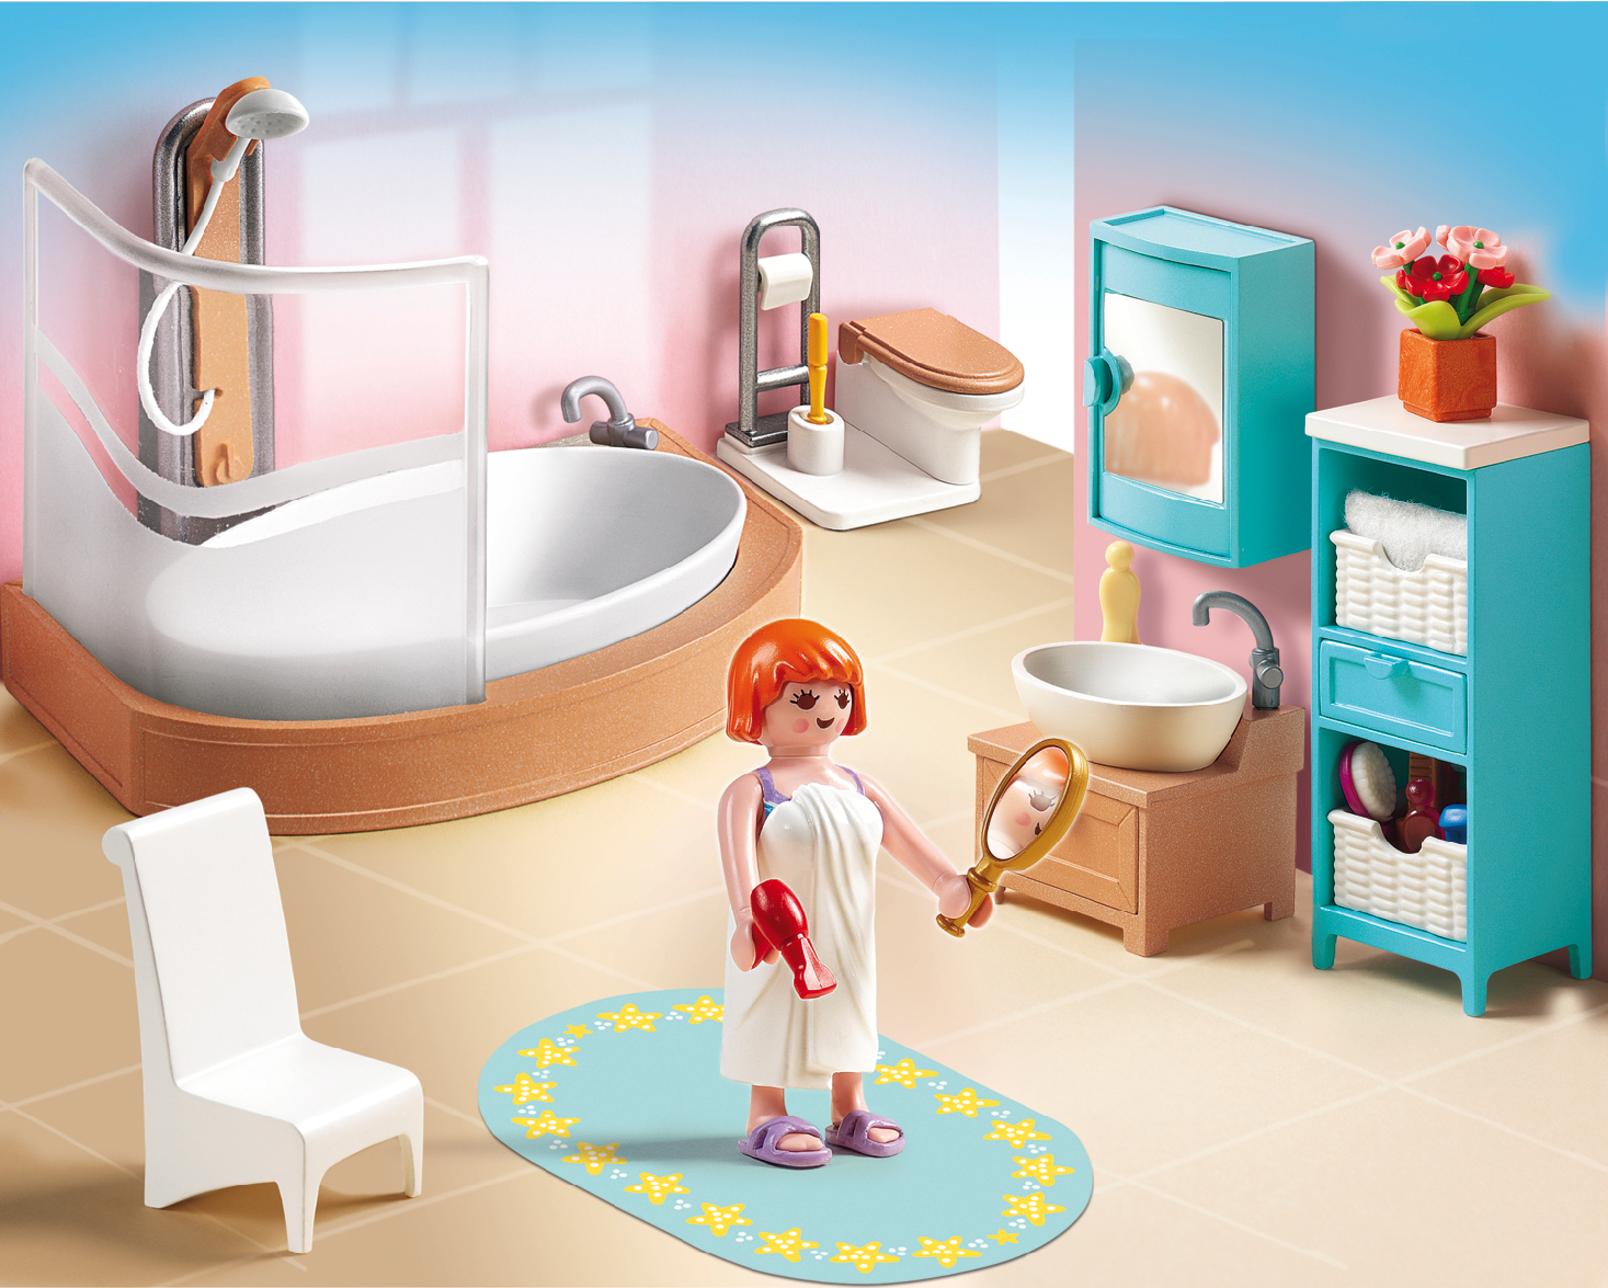 Selon les préférences de votre enfant, choisissez une salle de bain victorienne, royale ou vintage.